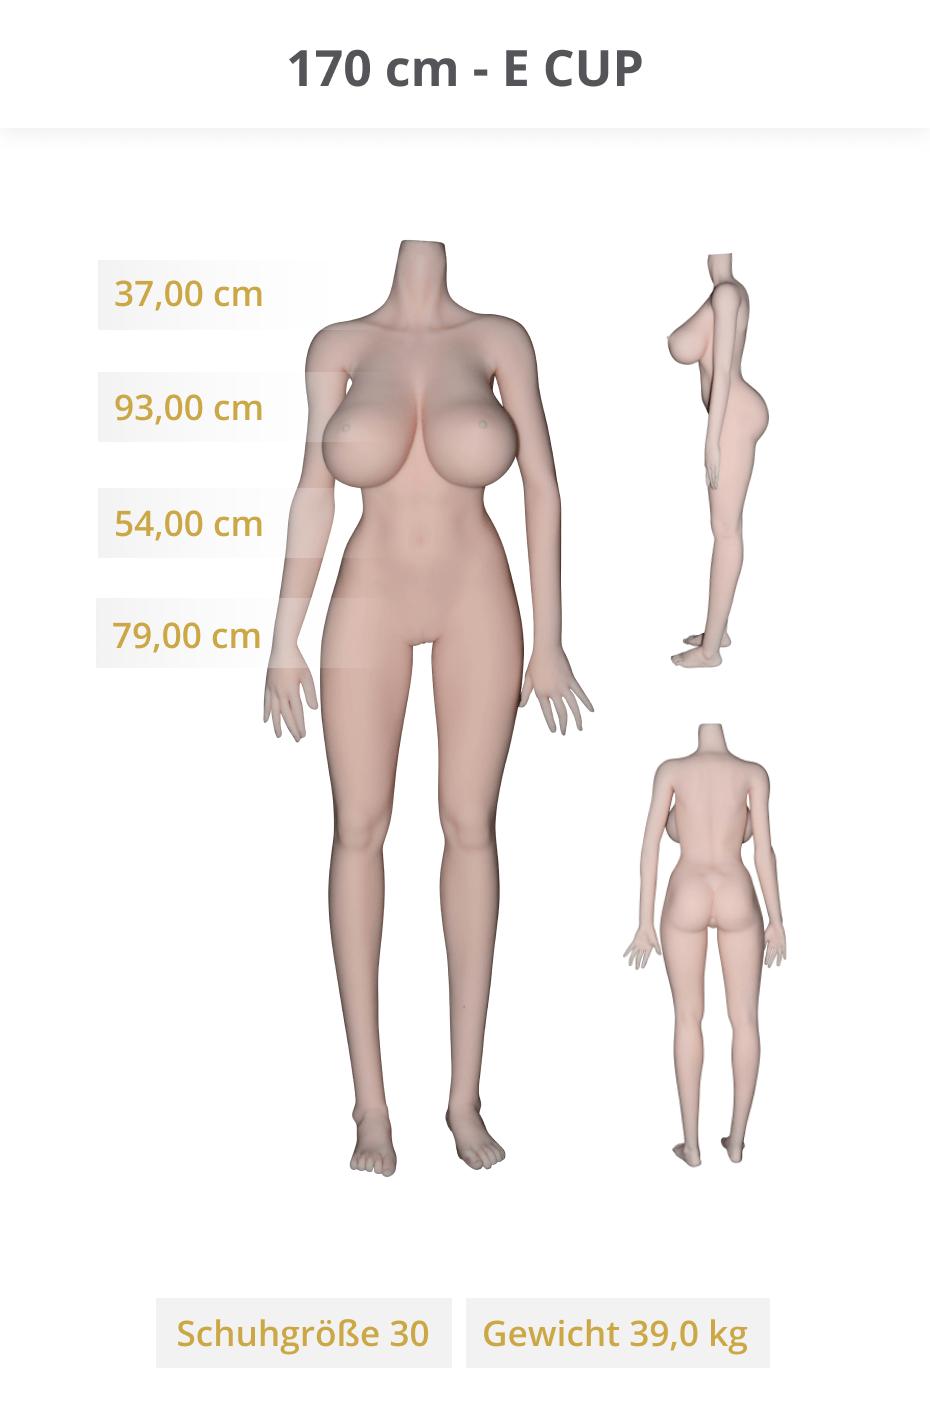 6ye-Dolls-168-cm-J-CUP-1